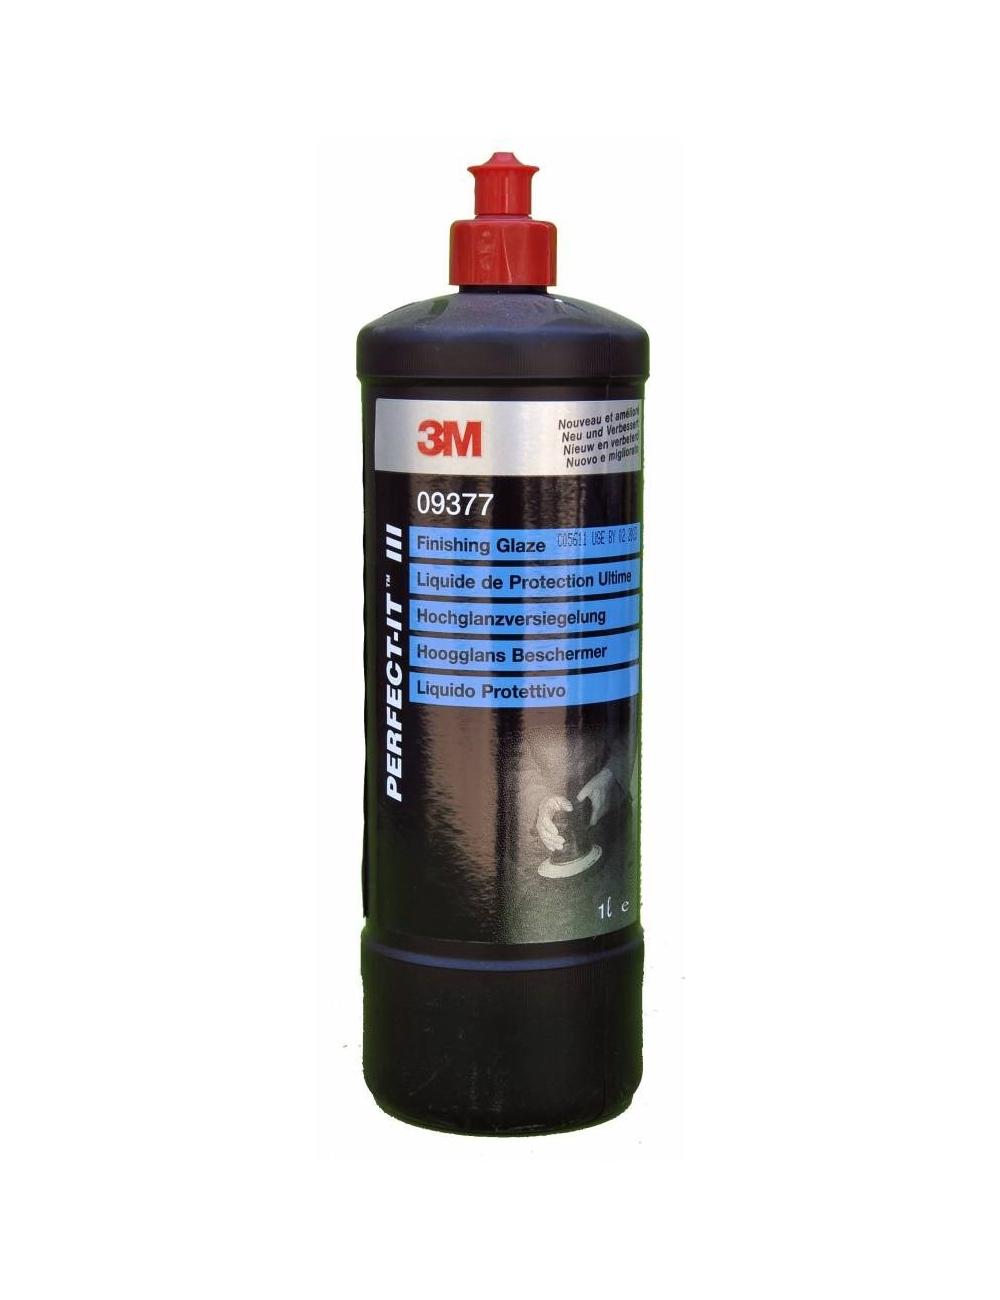 Liquide de protection ultime Perfect it III 3M Bouchon rouge 1L